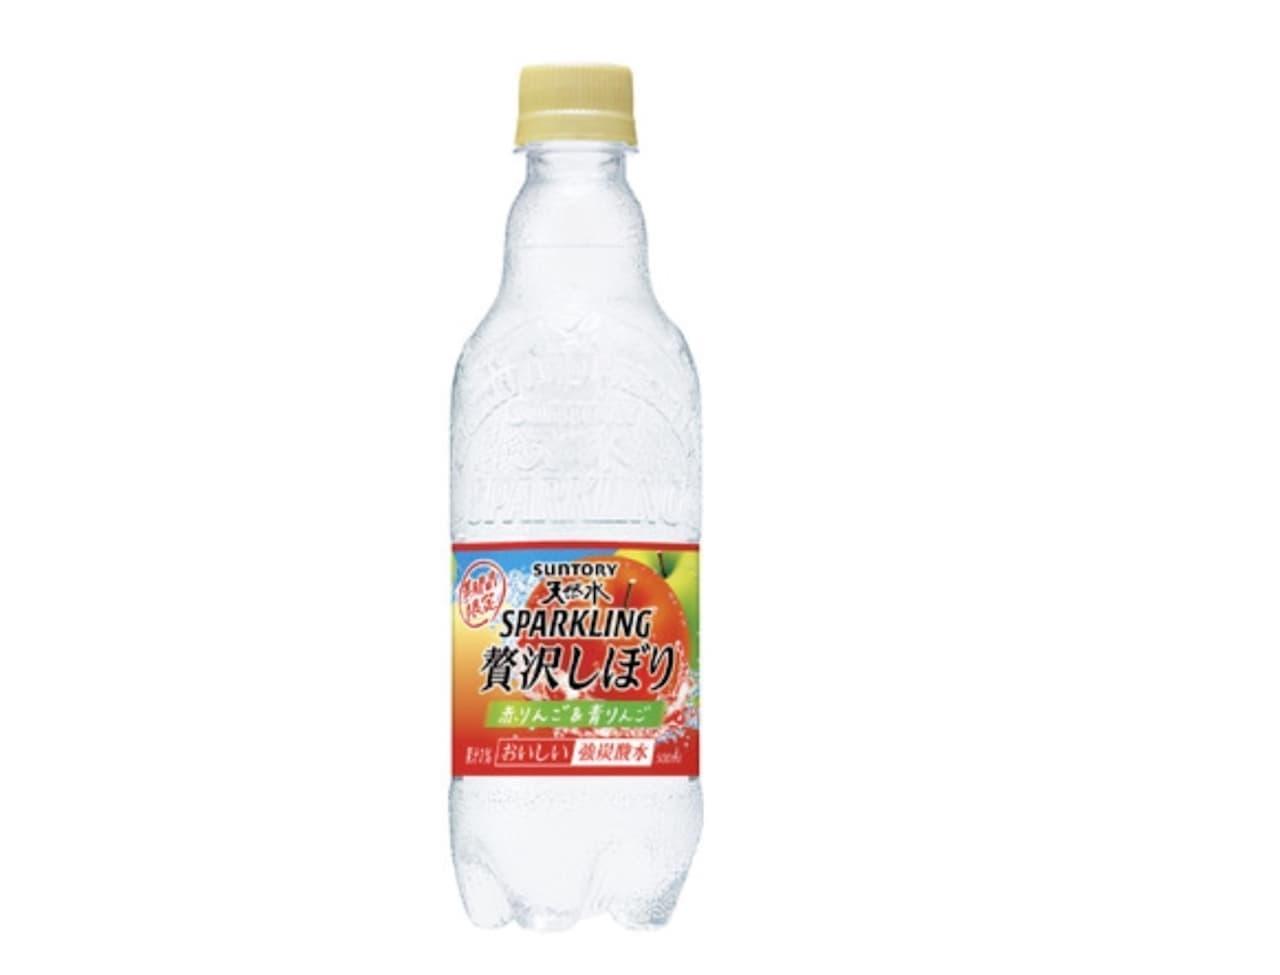 期間限定「サントリー天然水リング 贅沢しぼり 赤りんご&青りんご」